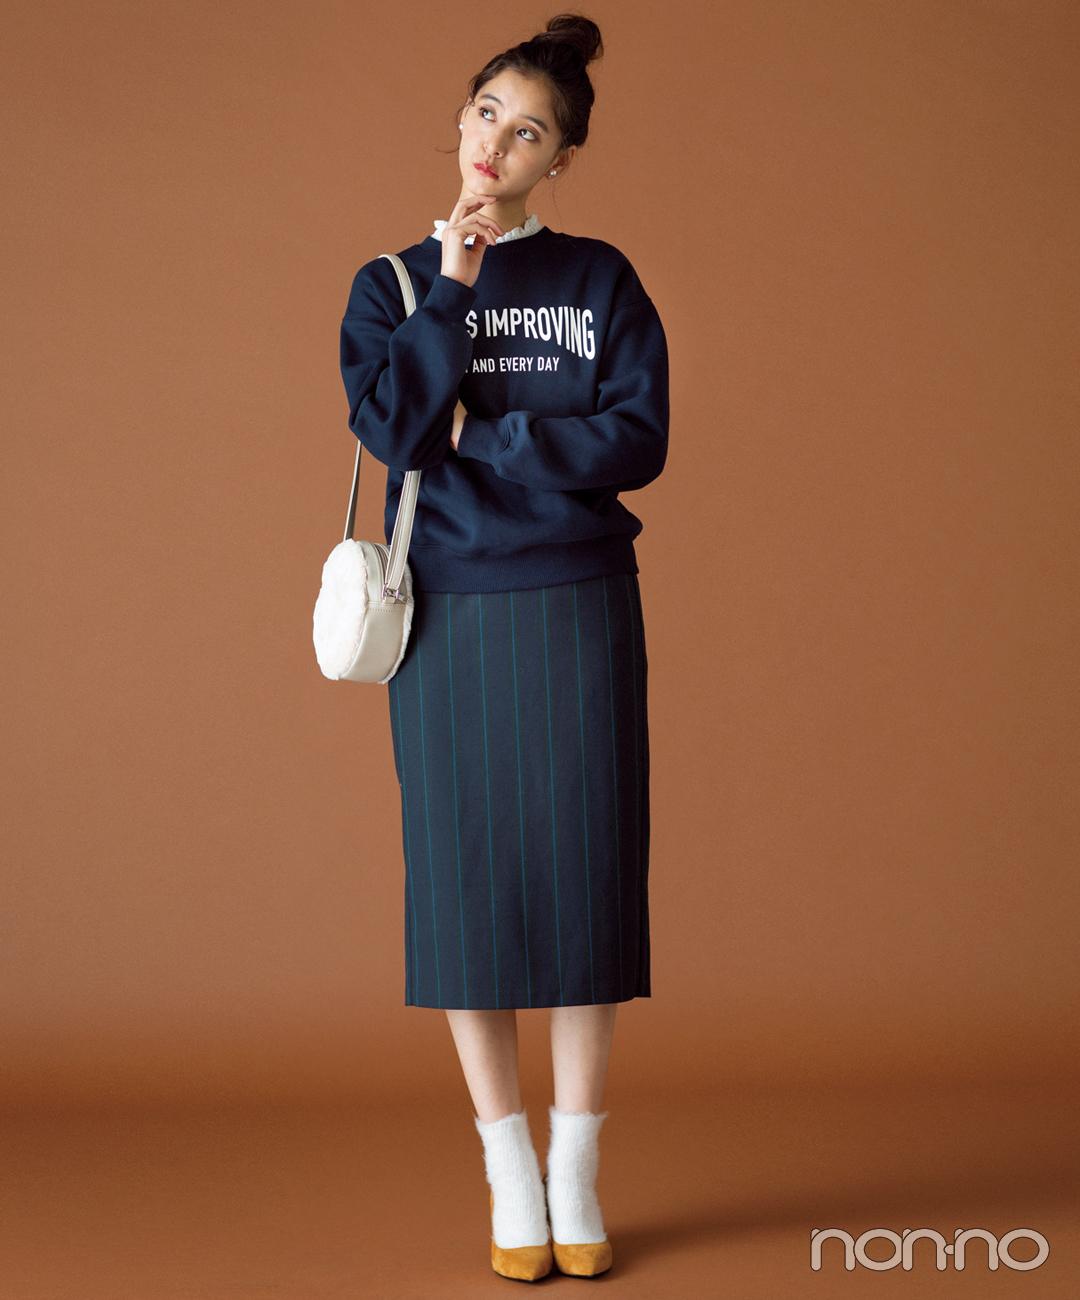 新木優子は定番ロゴスウェットをグッドガールに着る!【毎日コーデ】